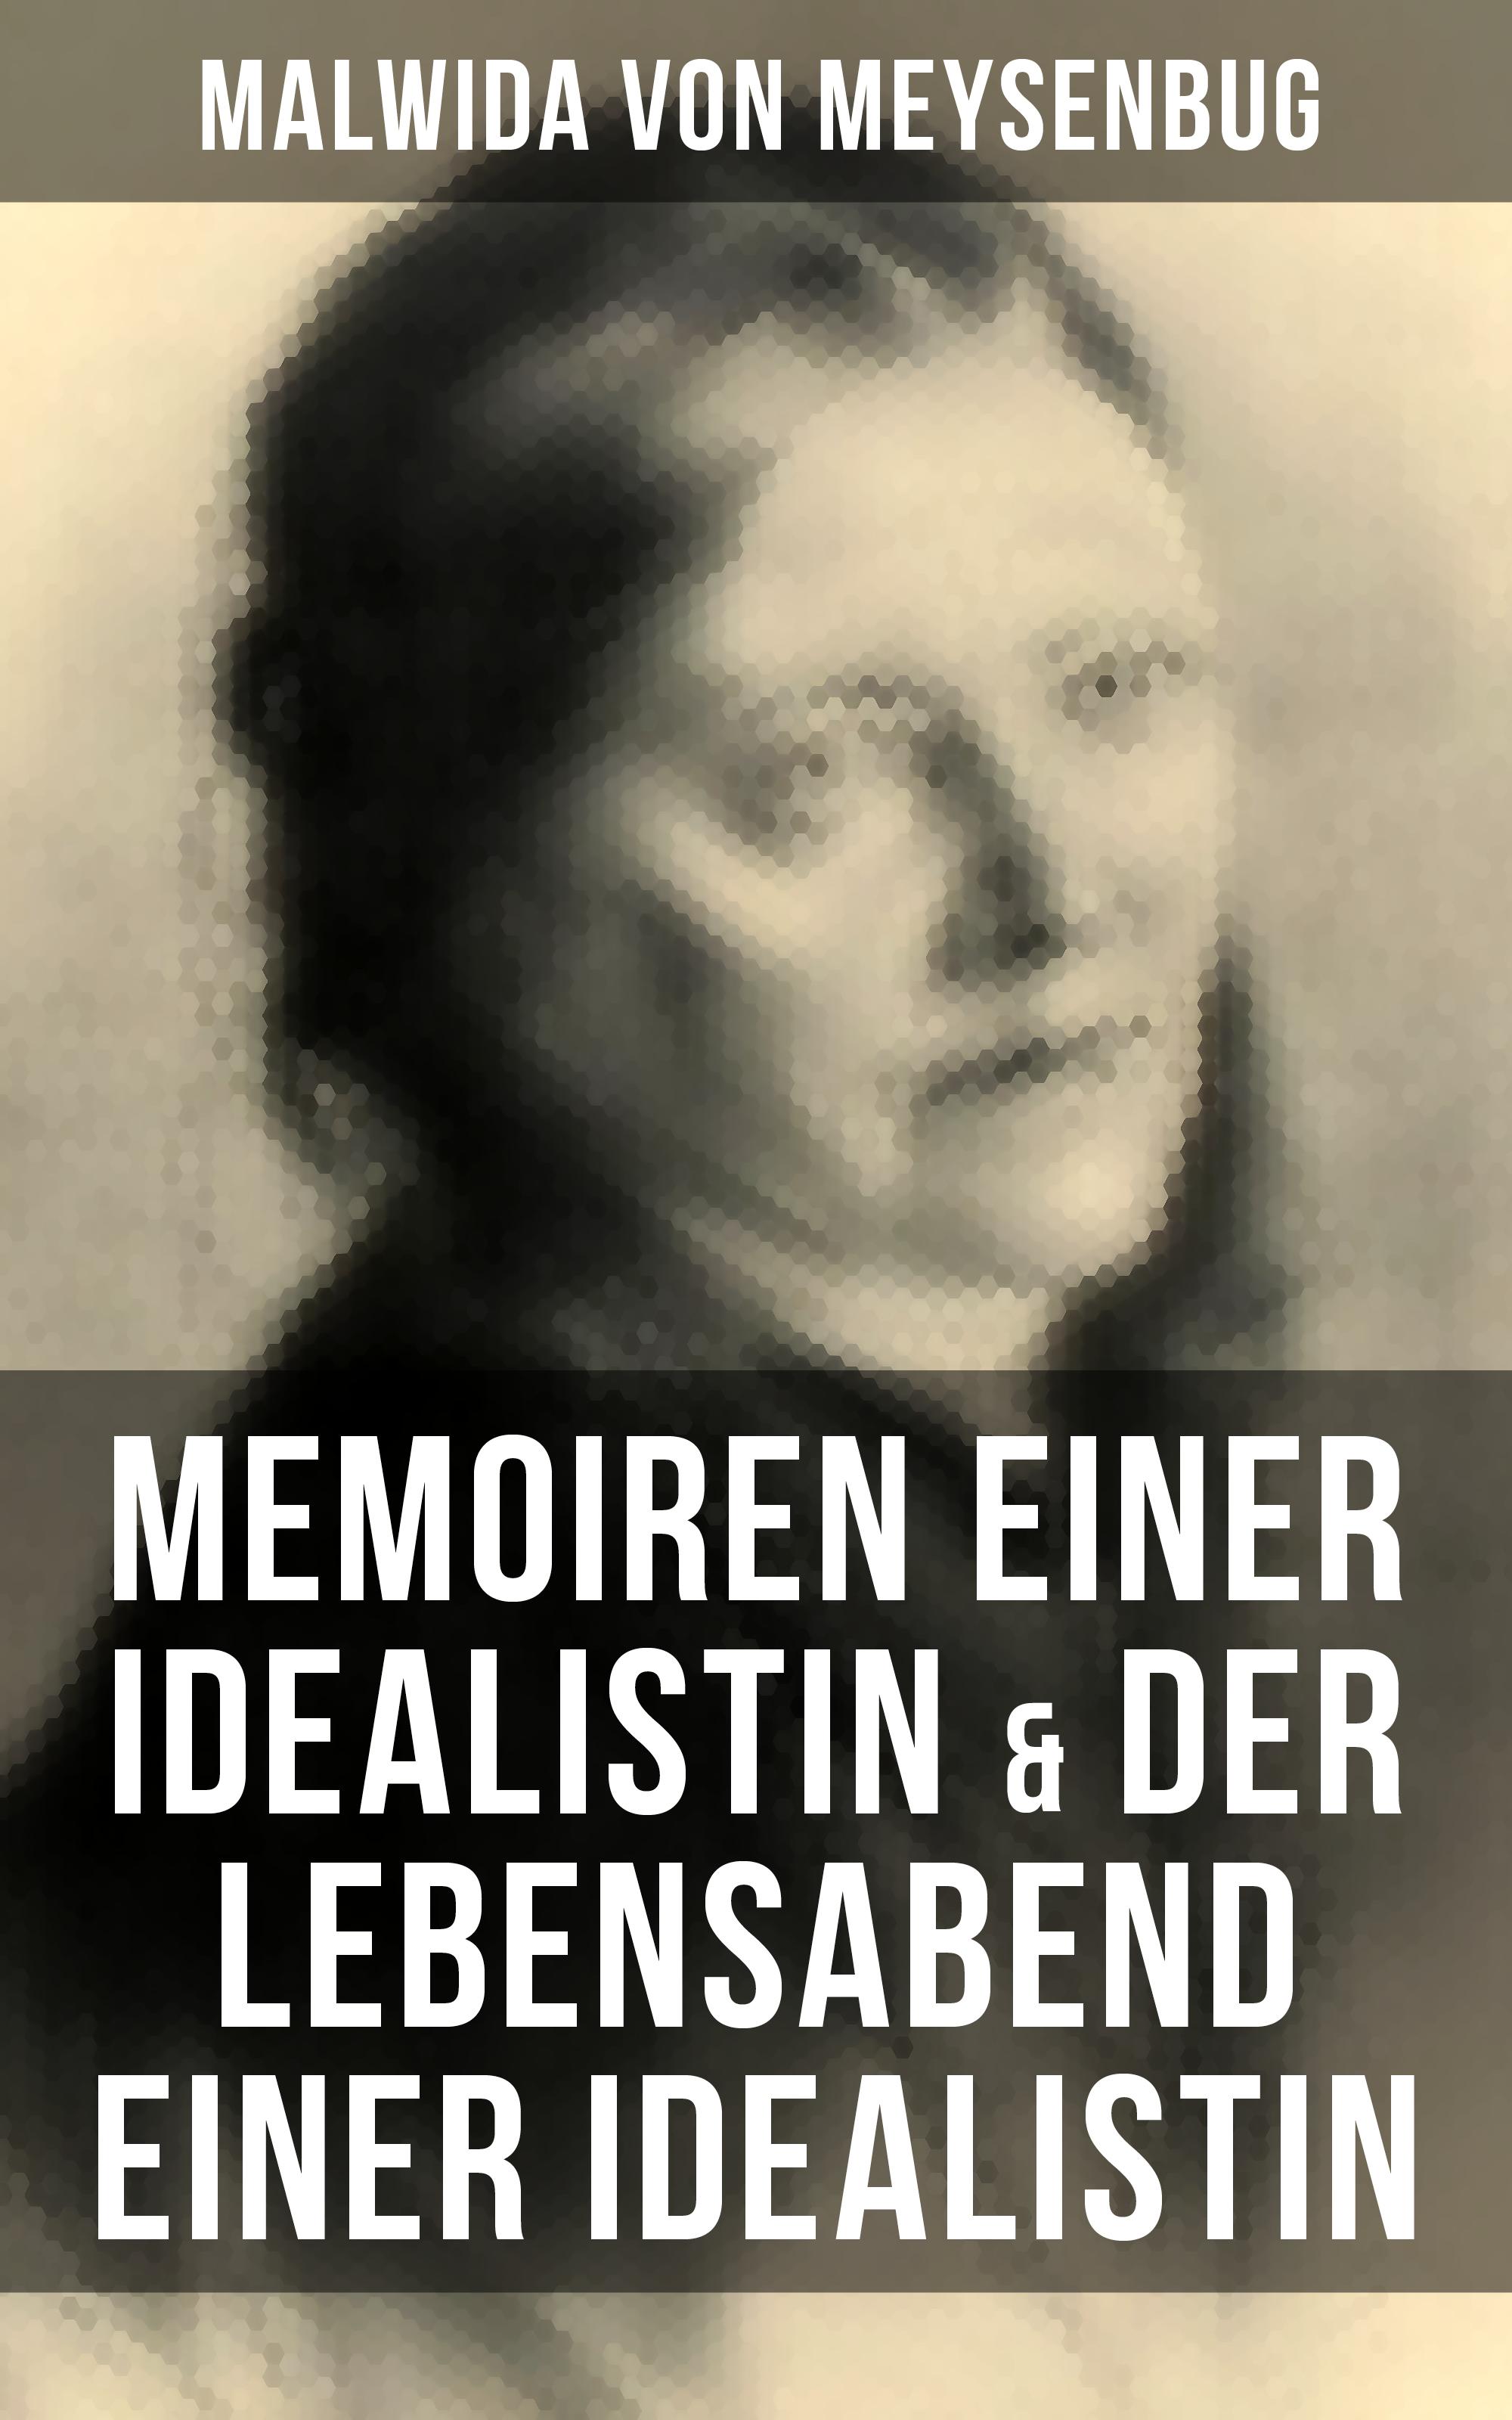 Malwida von Meysenbug Malwida von Meysenbug: Memoiren einer Idealistin & Der Lebensabend einer Idealistin bertha von suttner memoiren der friedensaktivistin und nobelpreisträgerin bertha von suttner